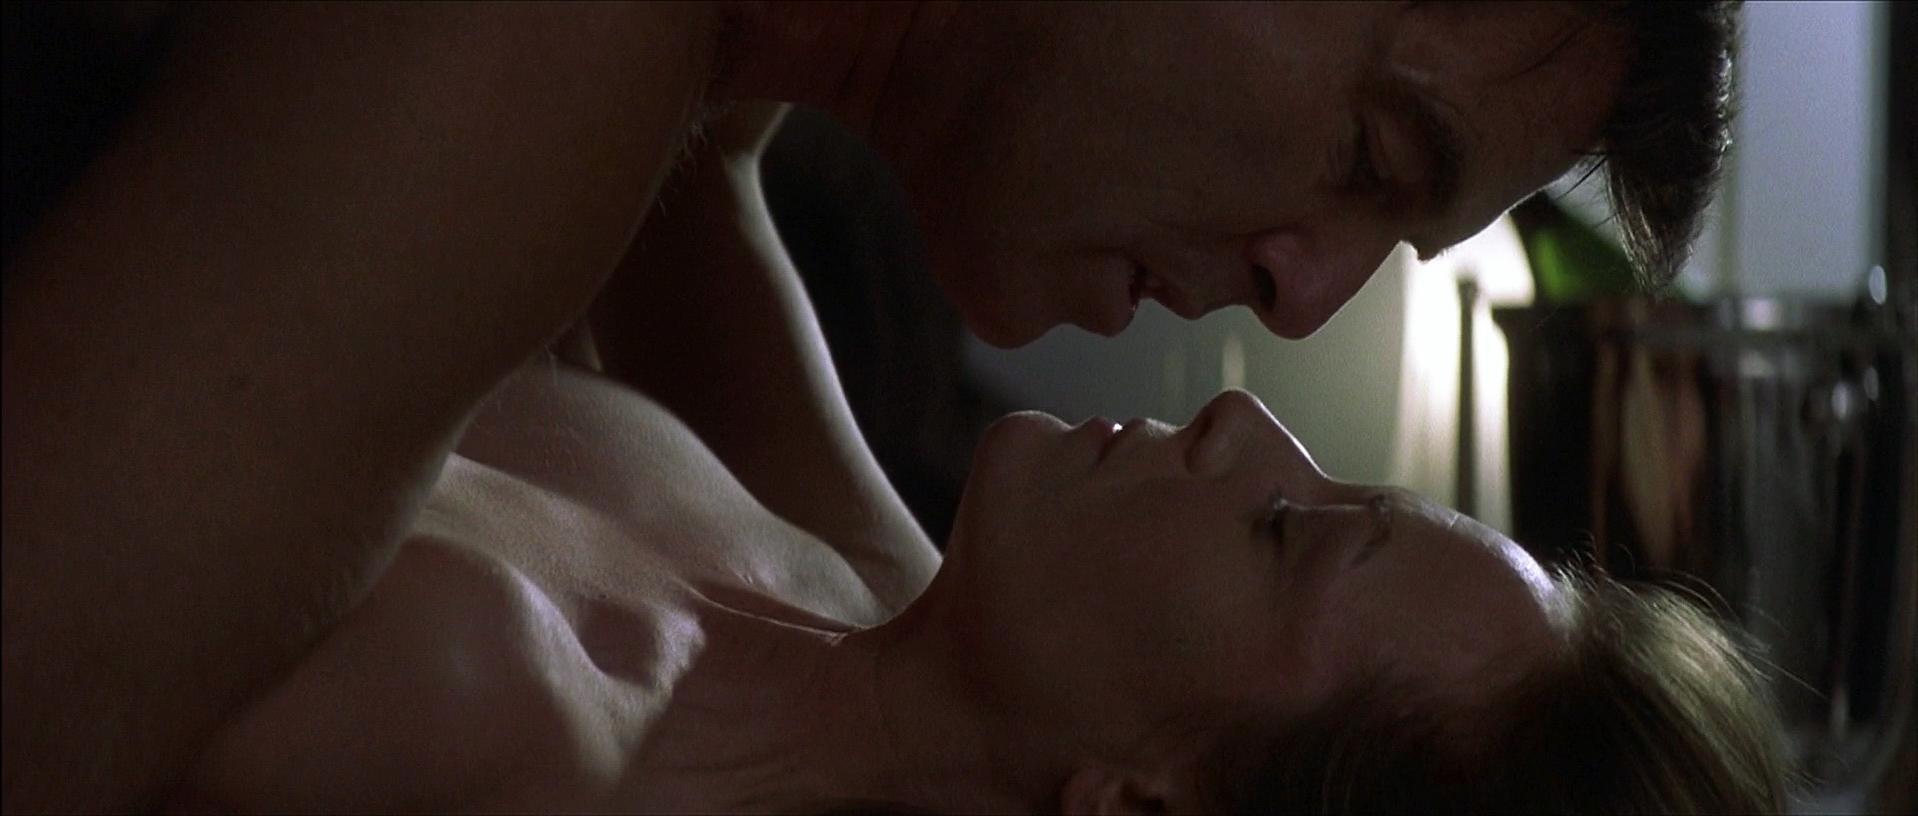 Catherine mccormack nude braveheart - 3 1